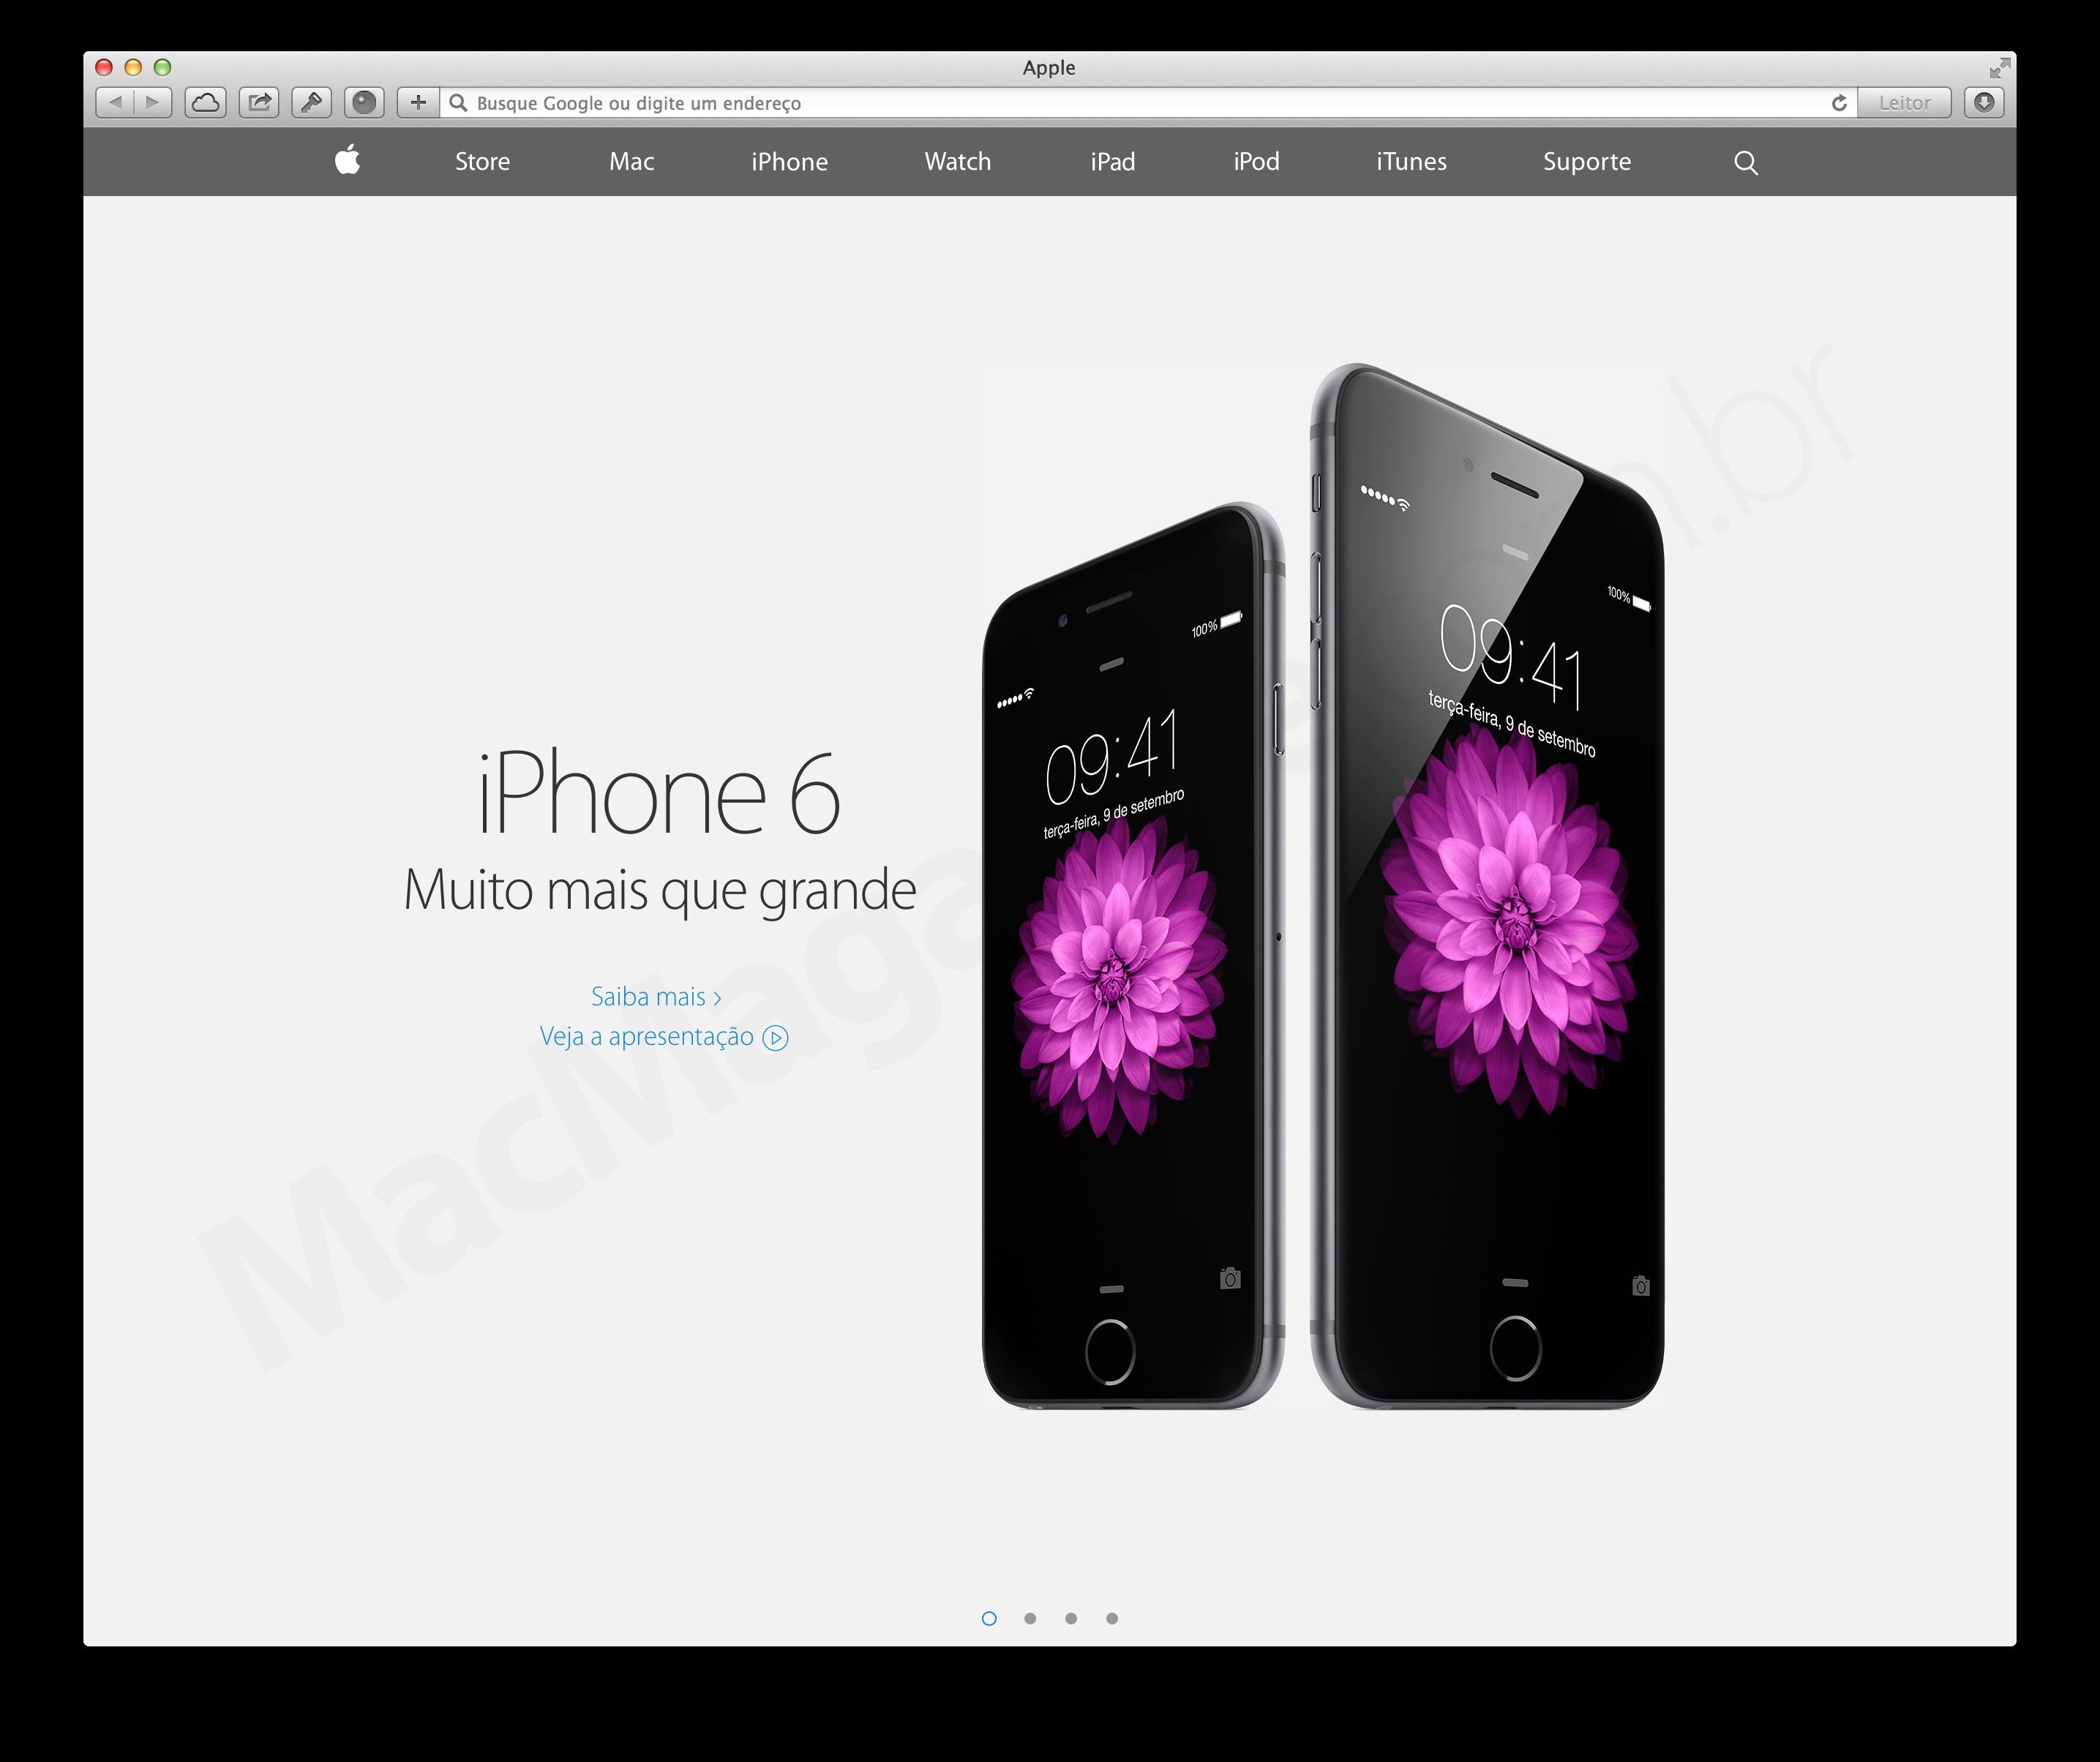 Novo site da Apple